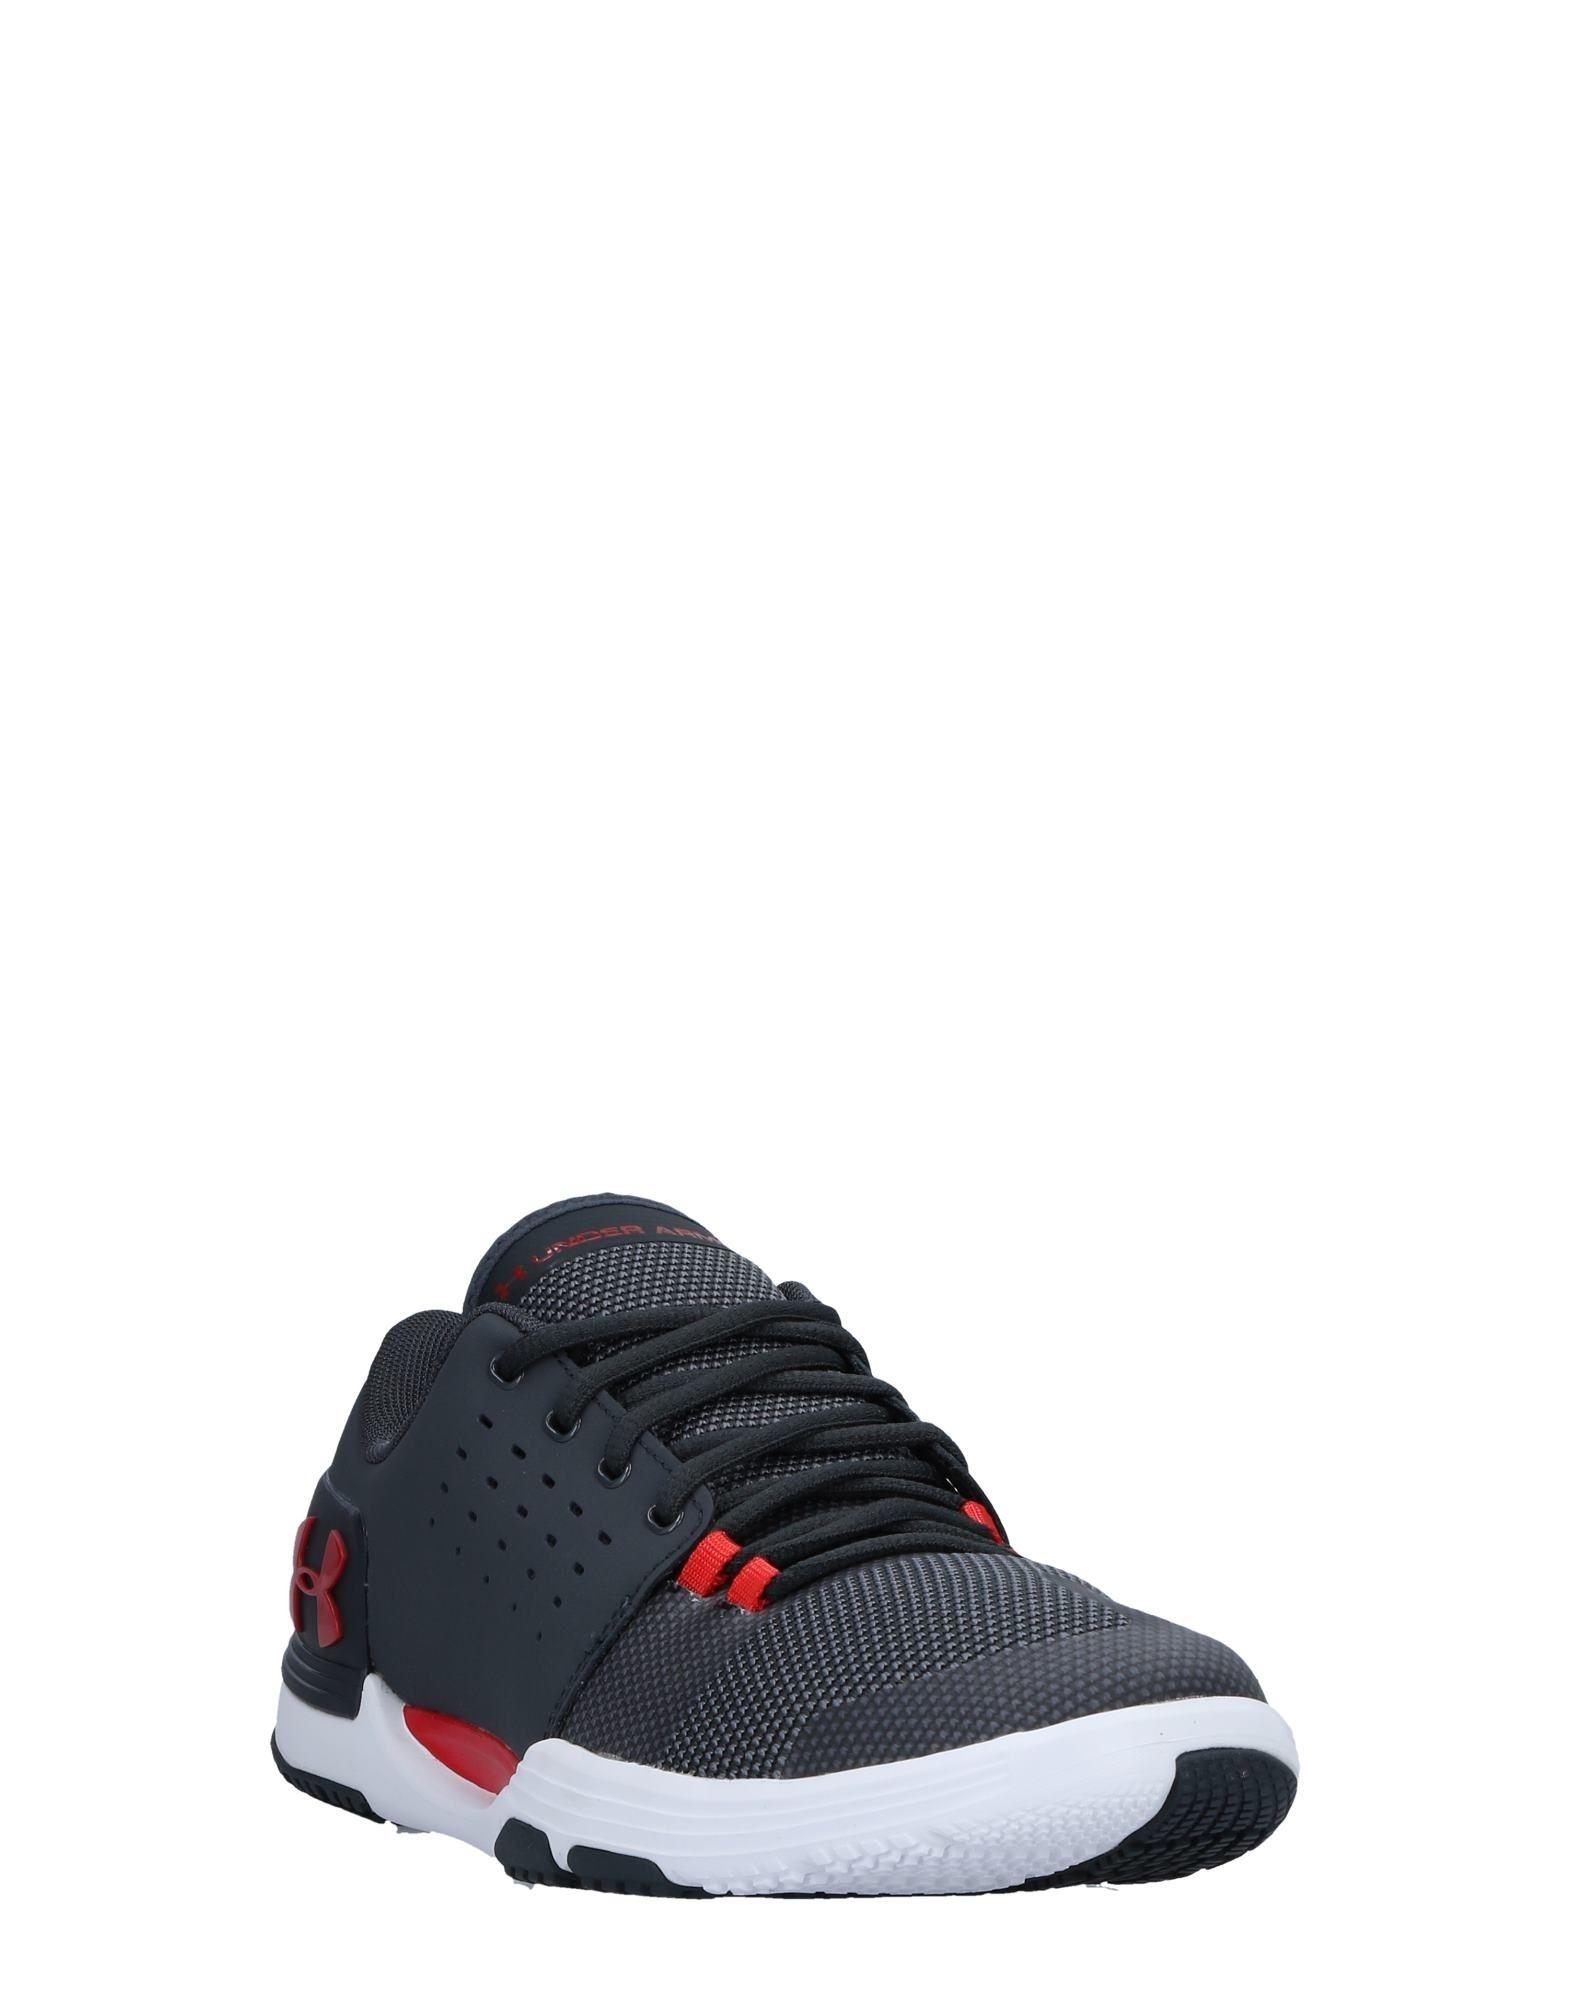 Rabatt Sneakers echte Schuhe Under Armour Sneakers Rabatt Herren  11519674IW 31c86c